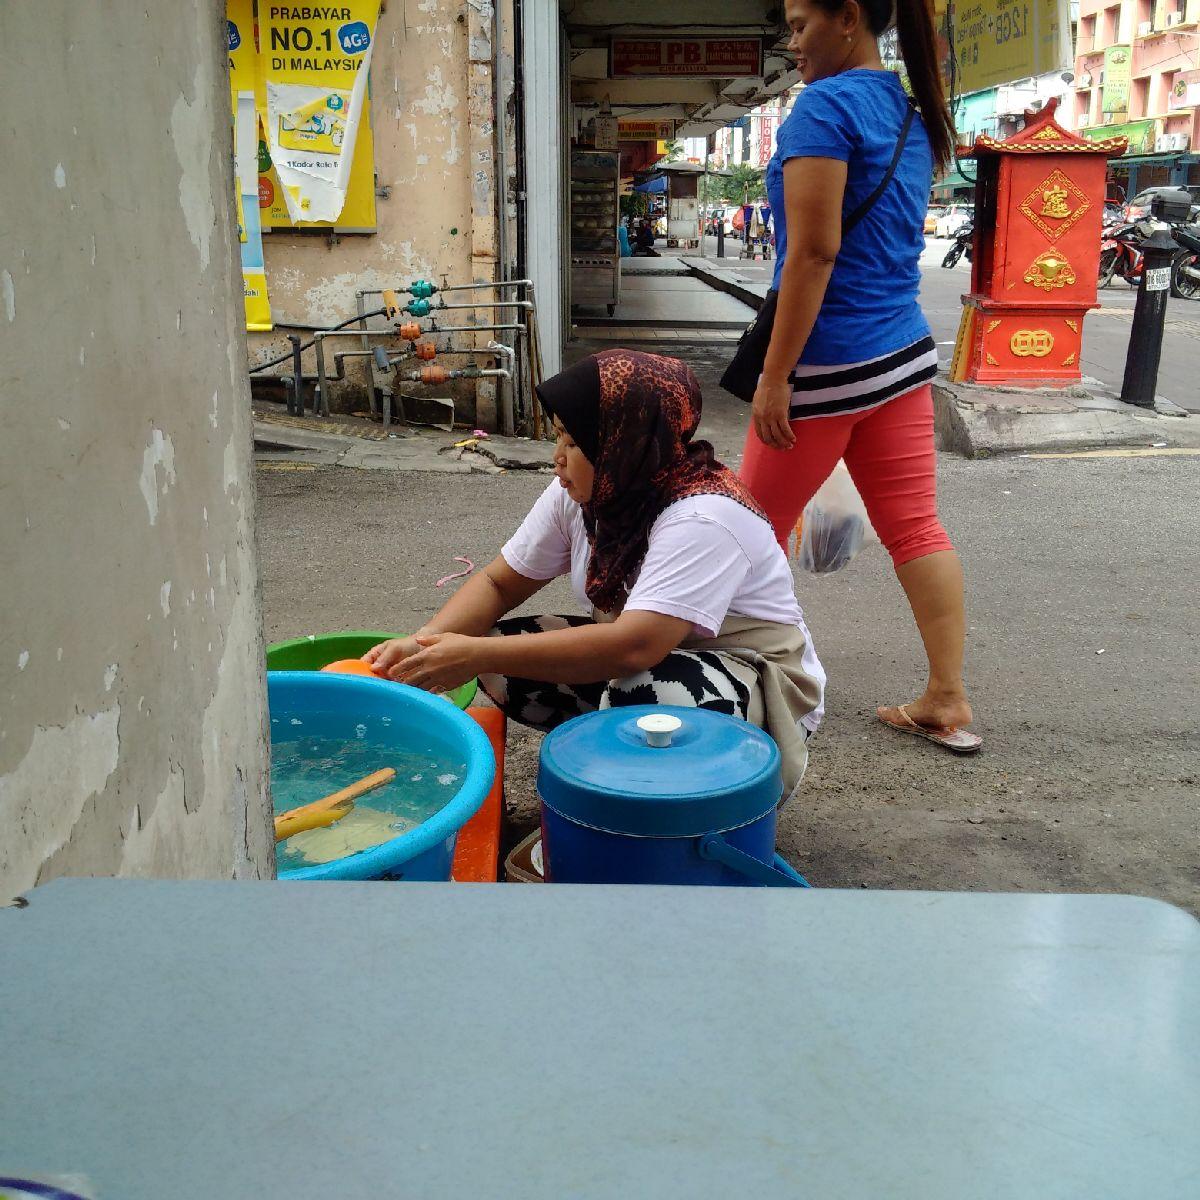 Humans of Kuala Lumpur